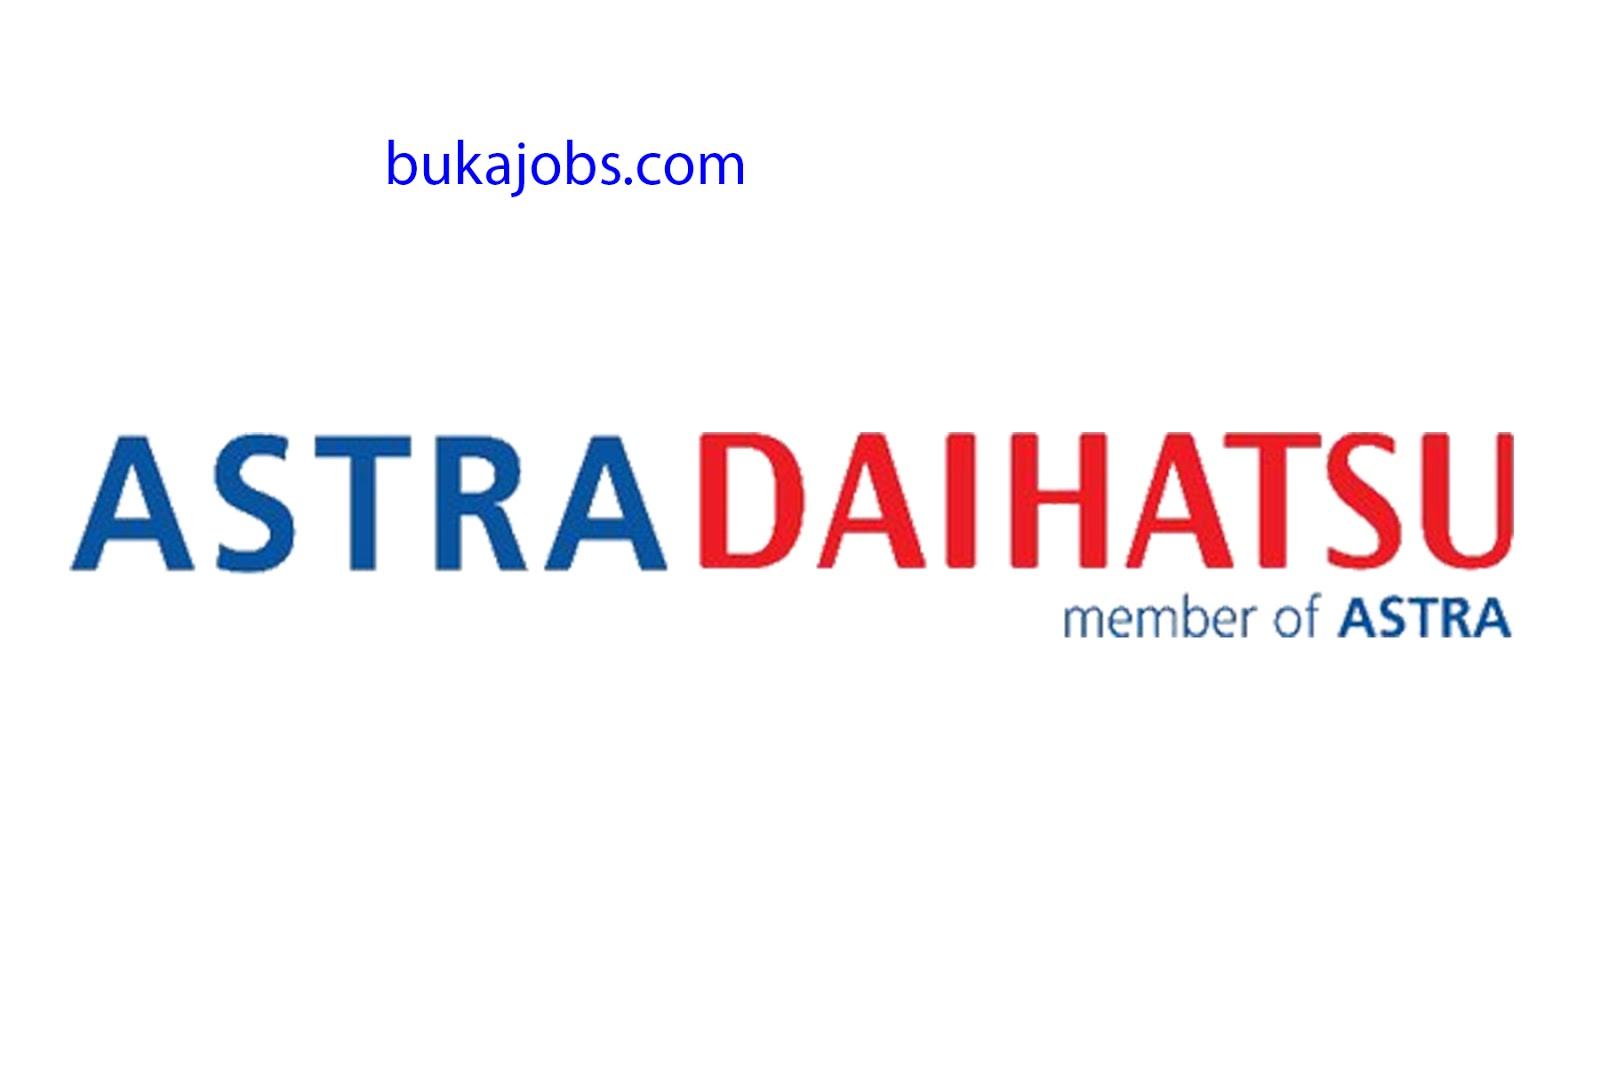 Lowongan Kerja Astra Daihatsu 2019